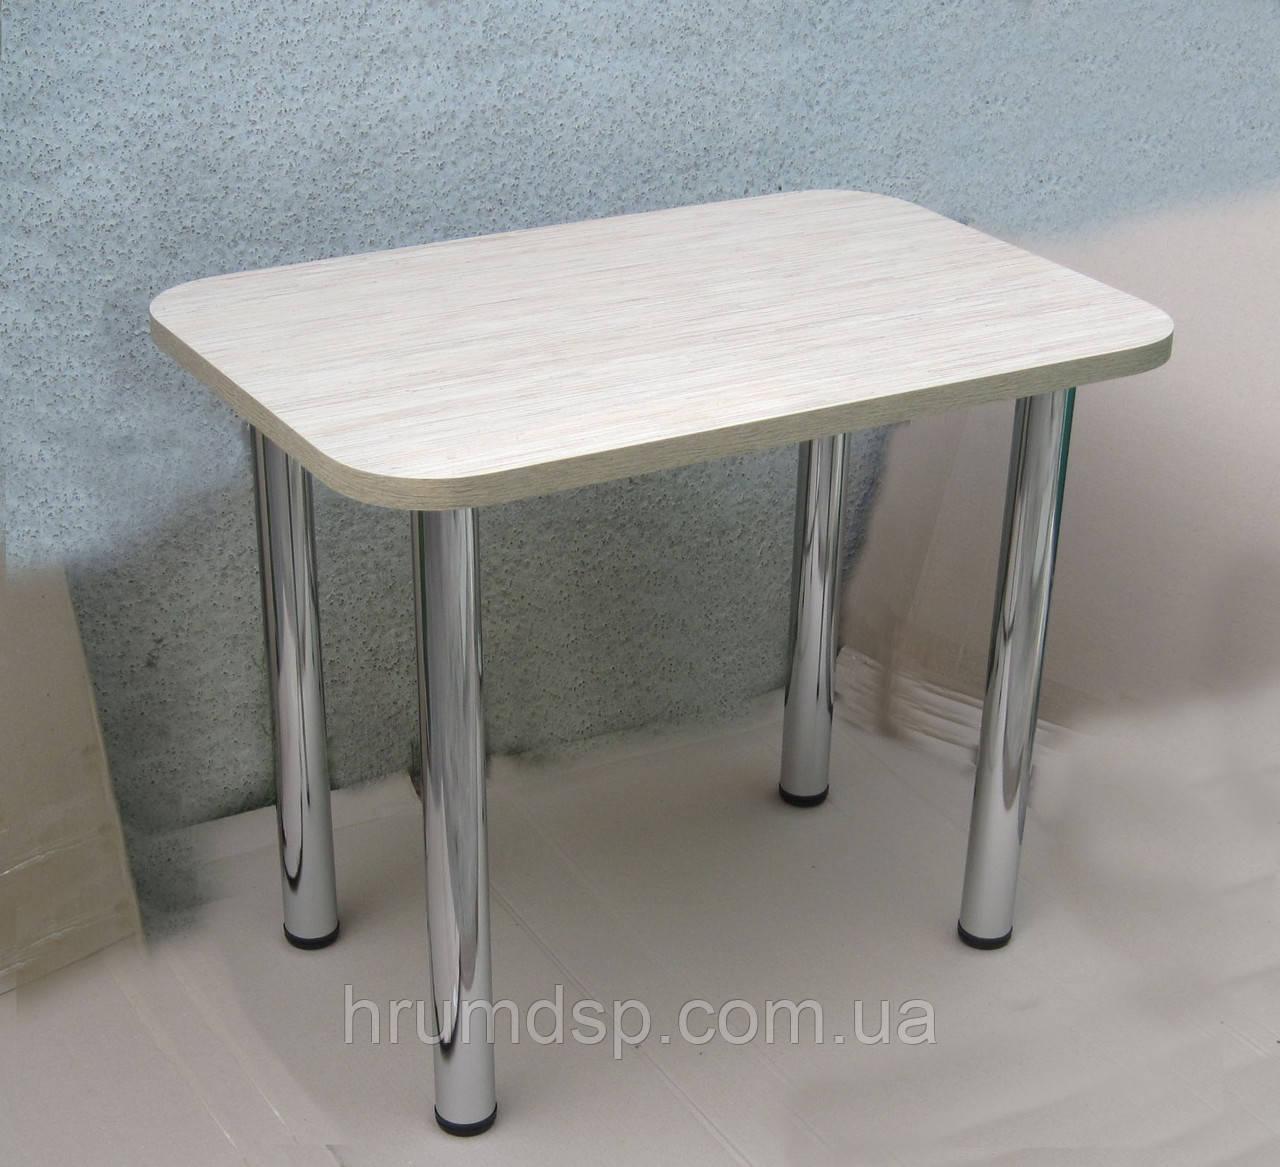 Стол кухонный 80 х 60см